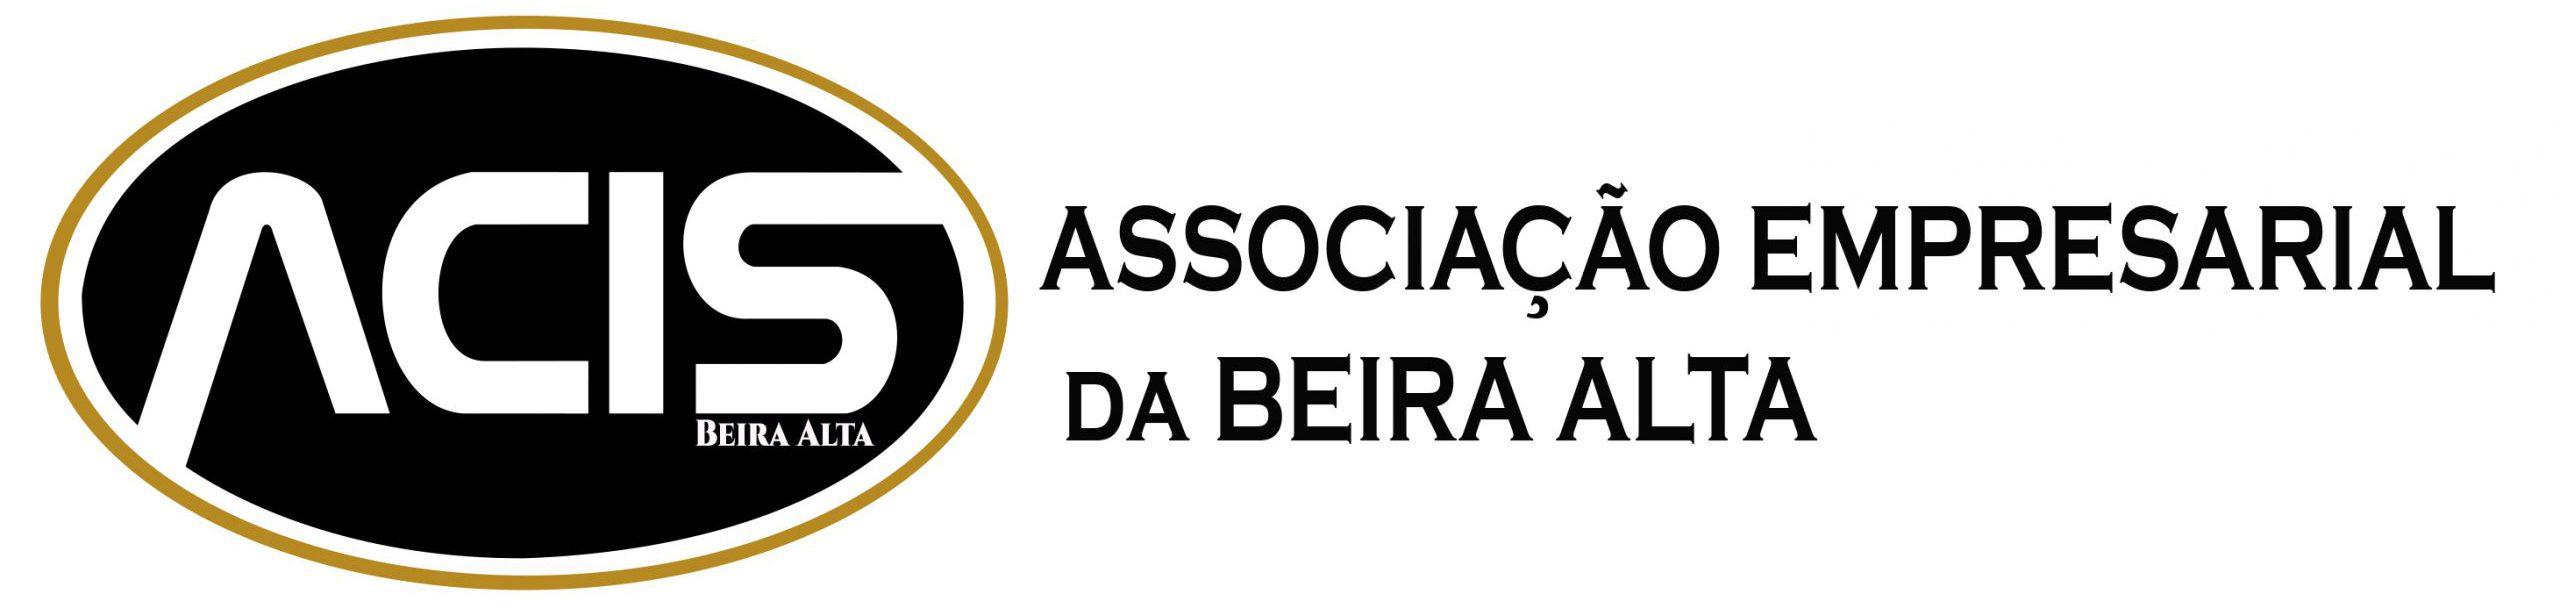 ACISba